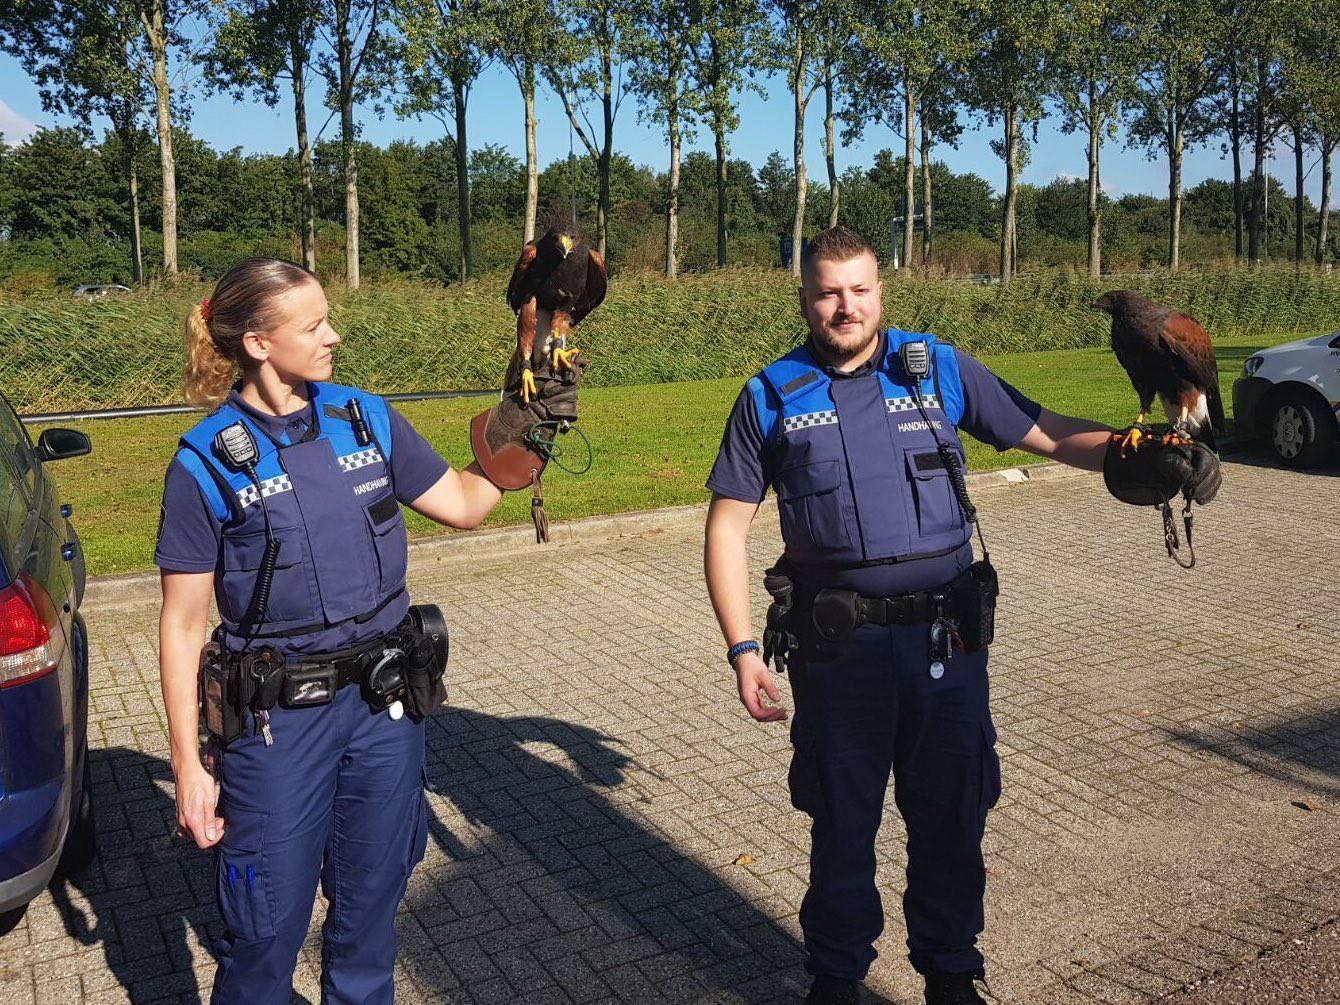 Valkenier jaagt op konijnen Hoofdweg Capelle aan den IJssel